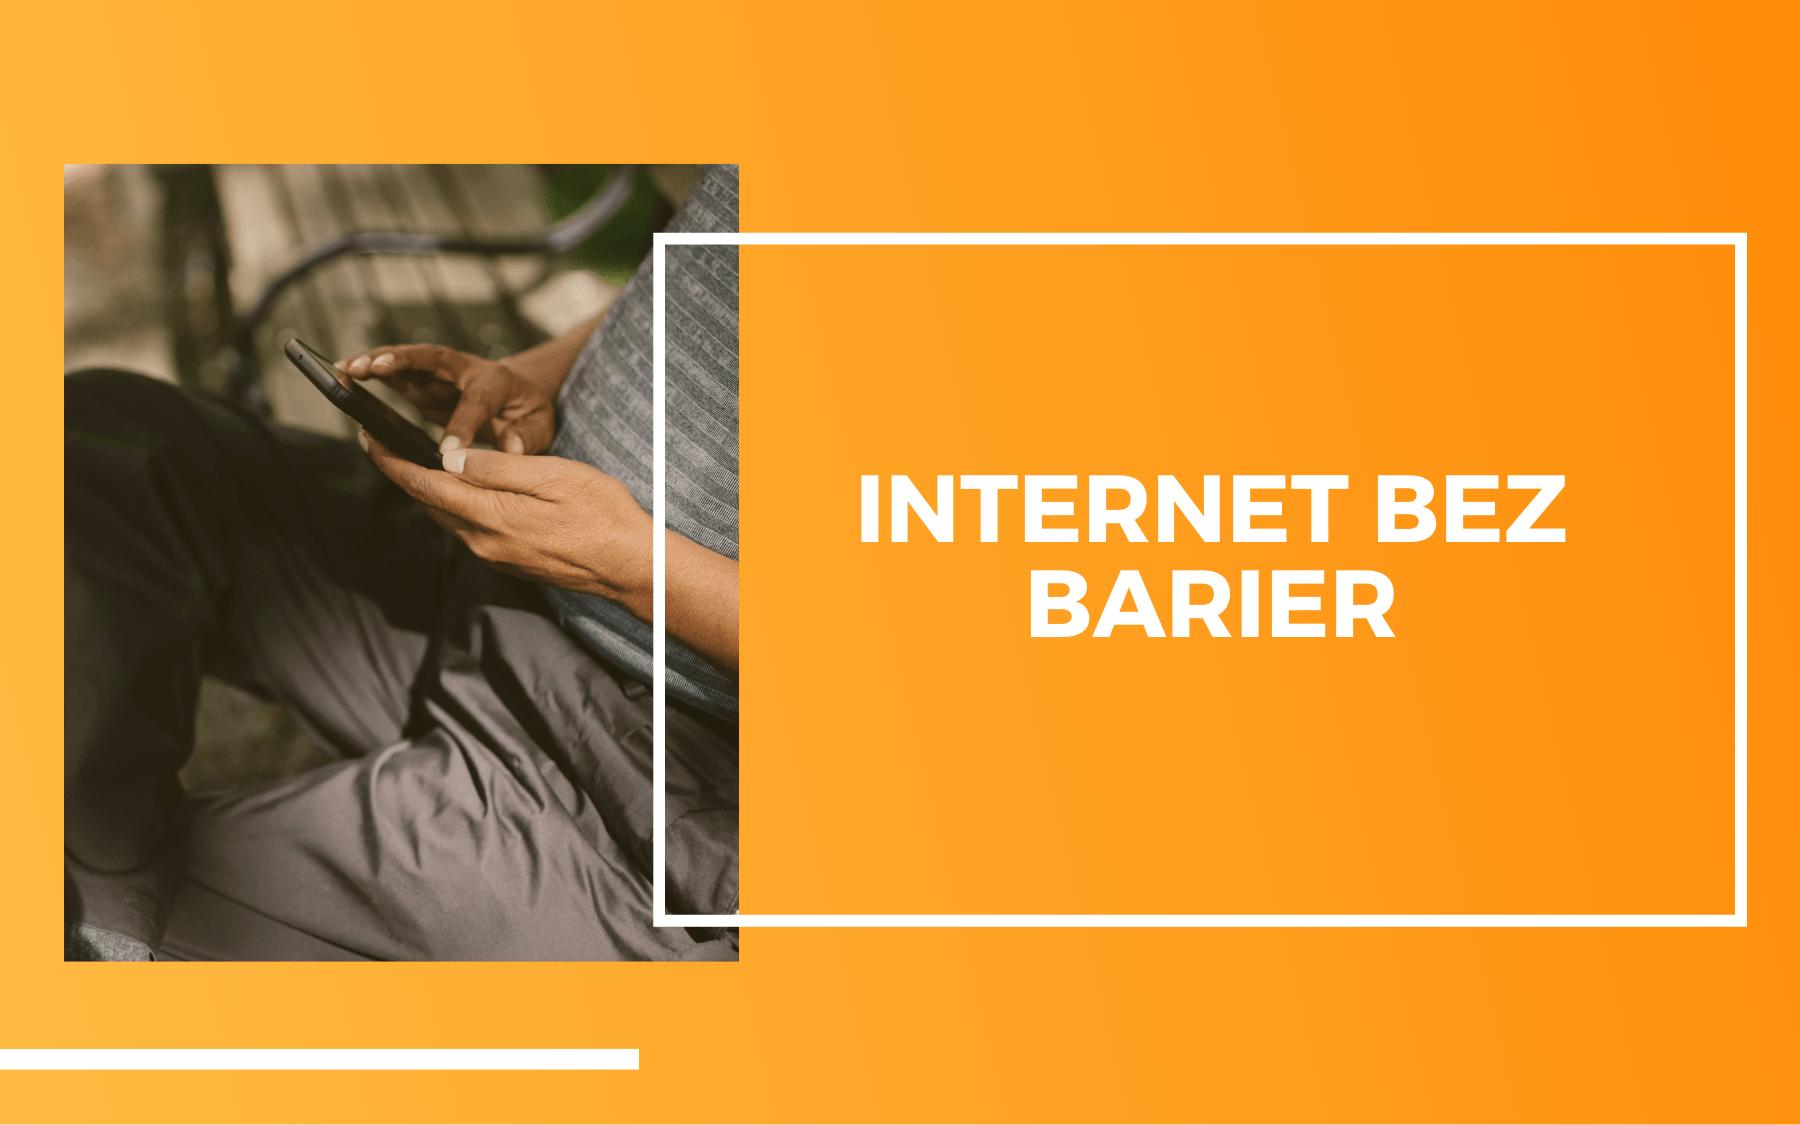 Ujęcie dłoni mężczyzny trzymającego telefon komórkowy siedząc na ławce w parku. Obok na pomarańczowym tle napis: Internet bez barier.